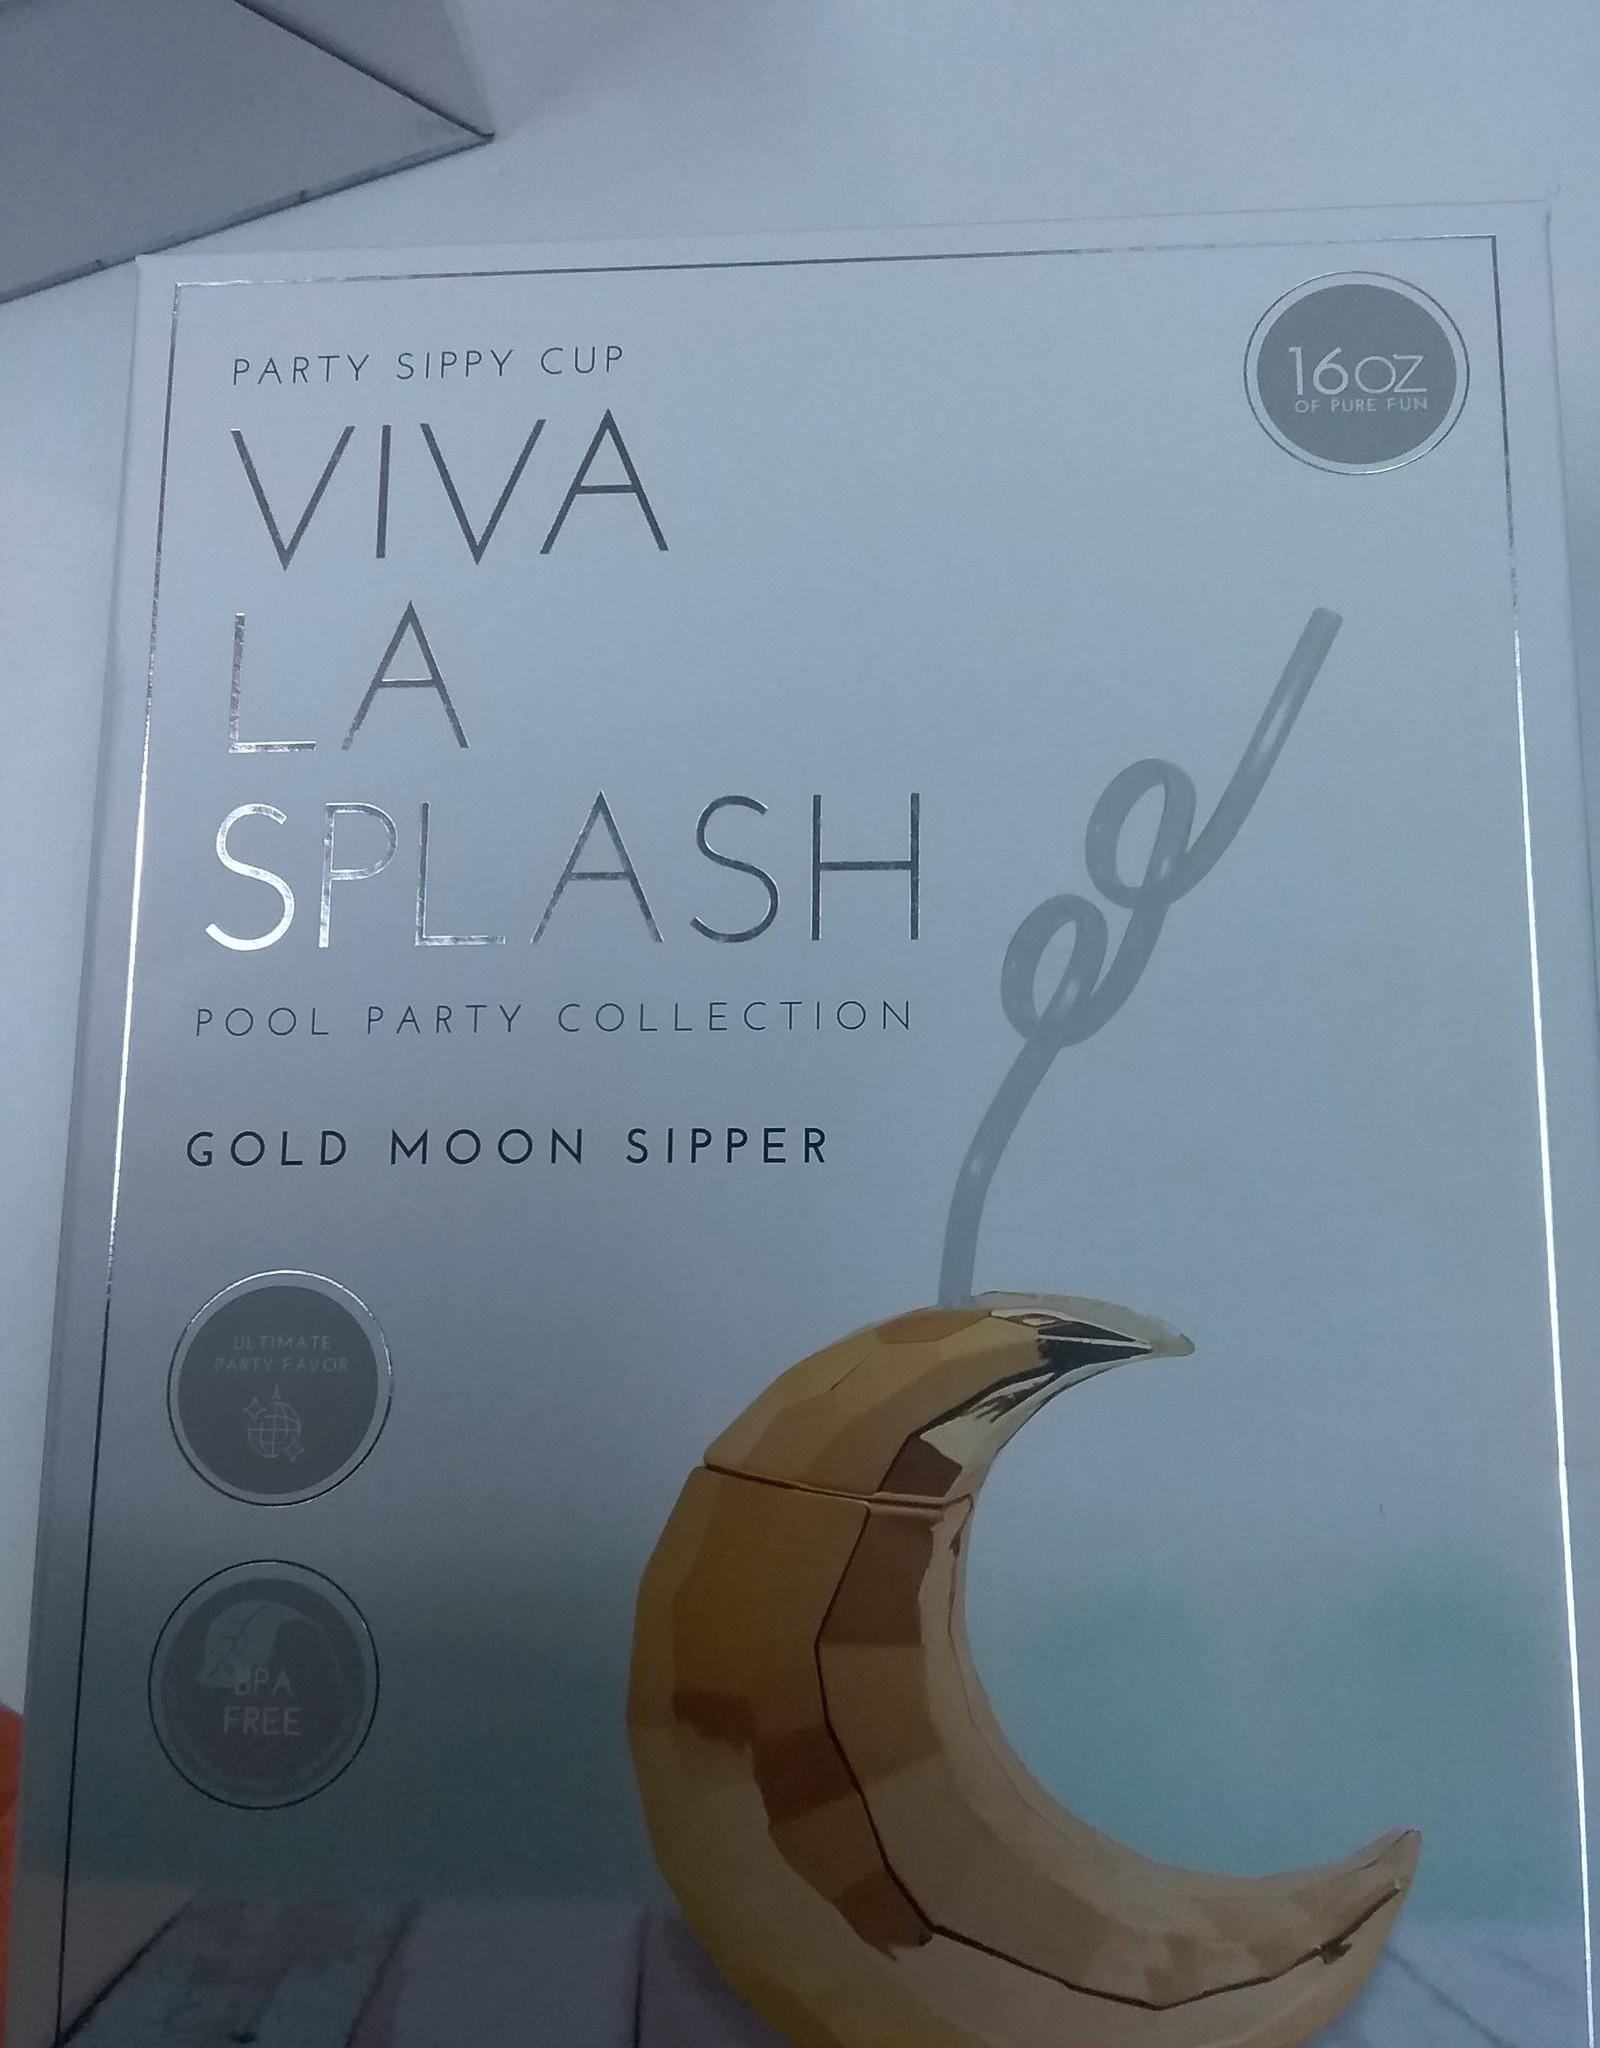 Viva La Splash Gold Moon Sipper